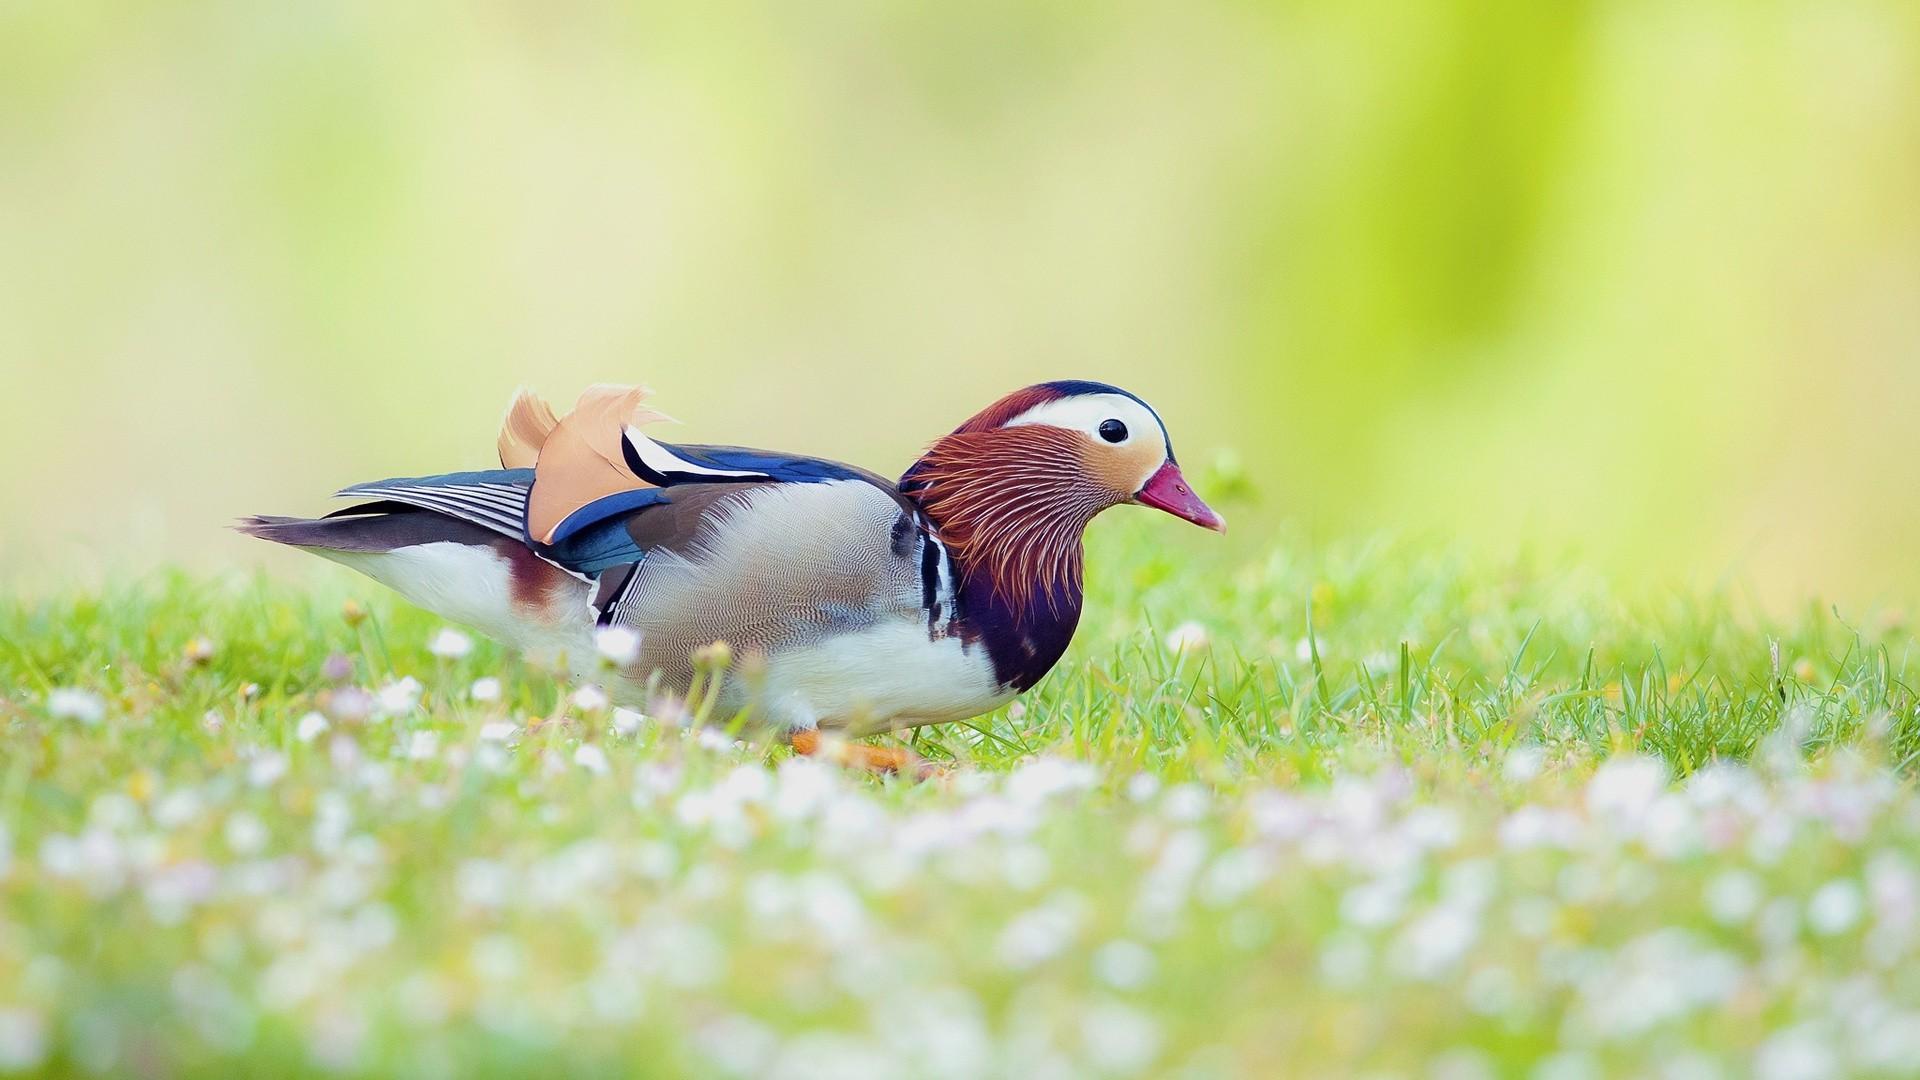 фото птиц на обои для рабочего стола третий украсить